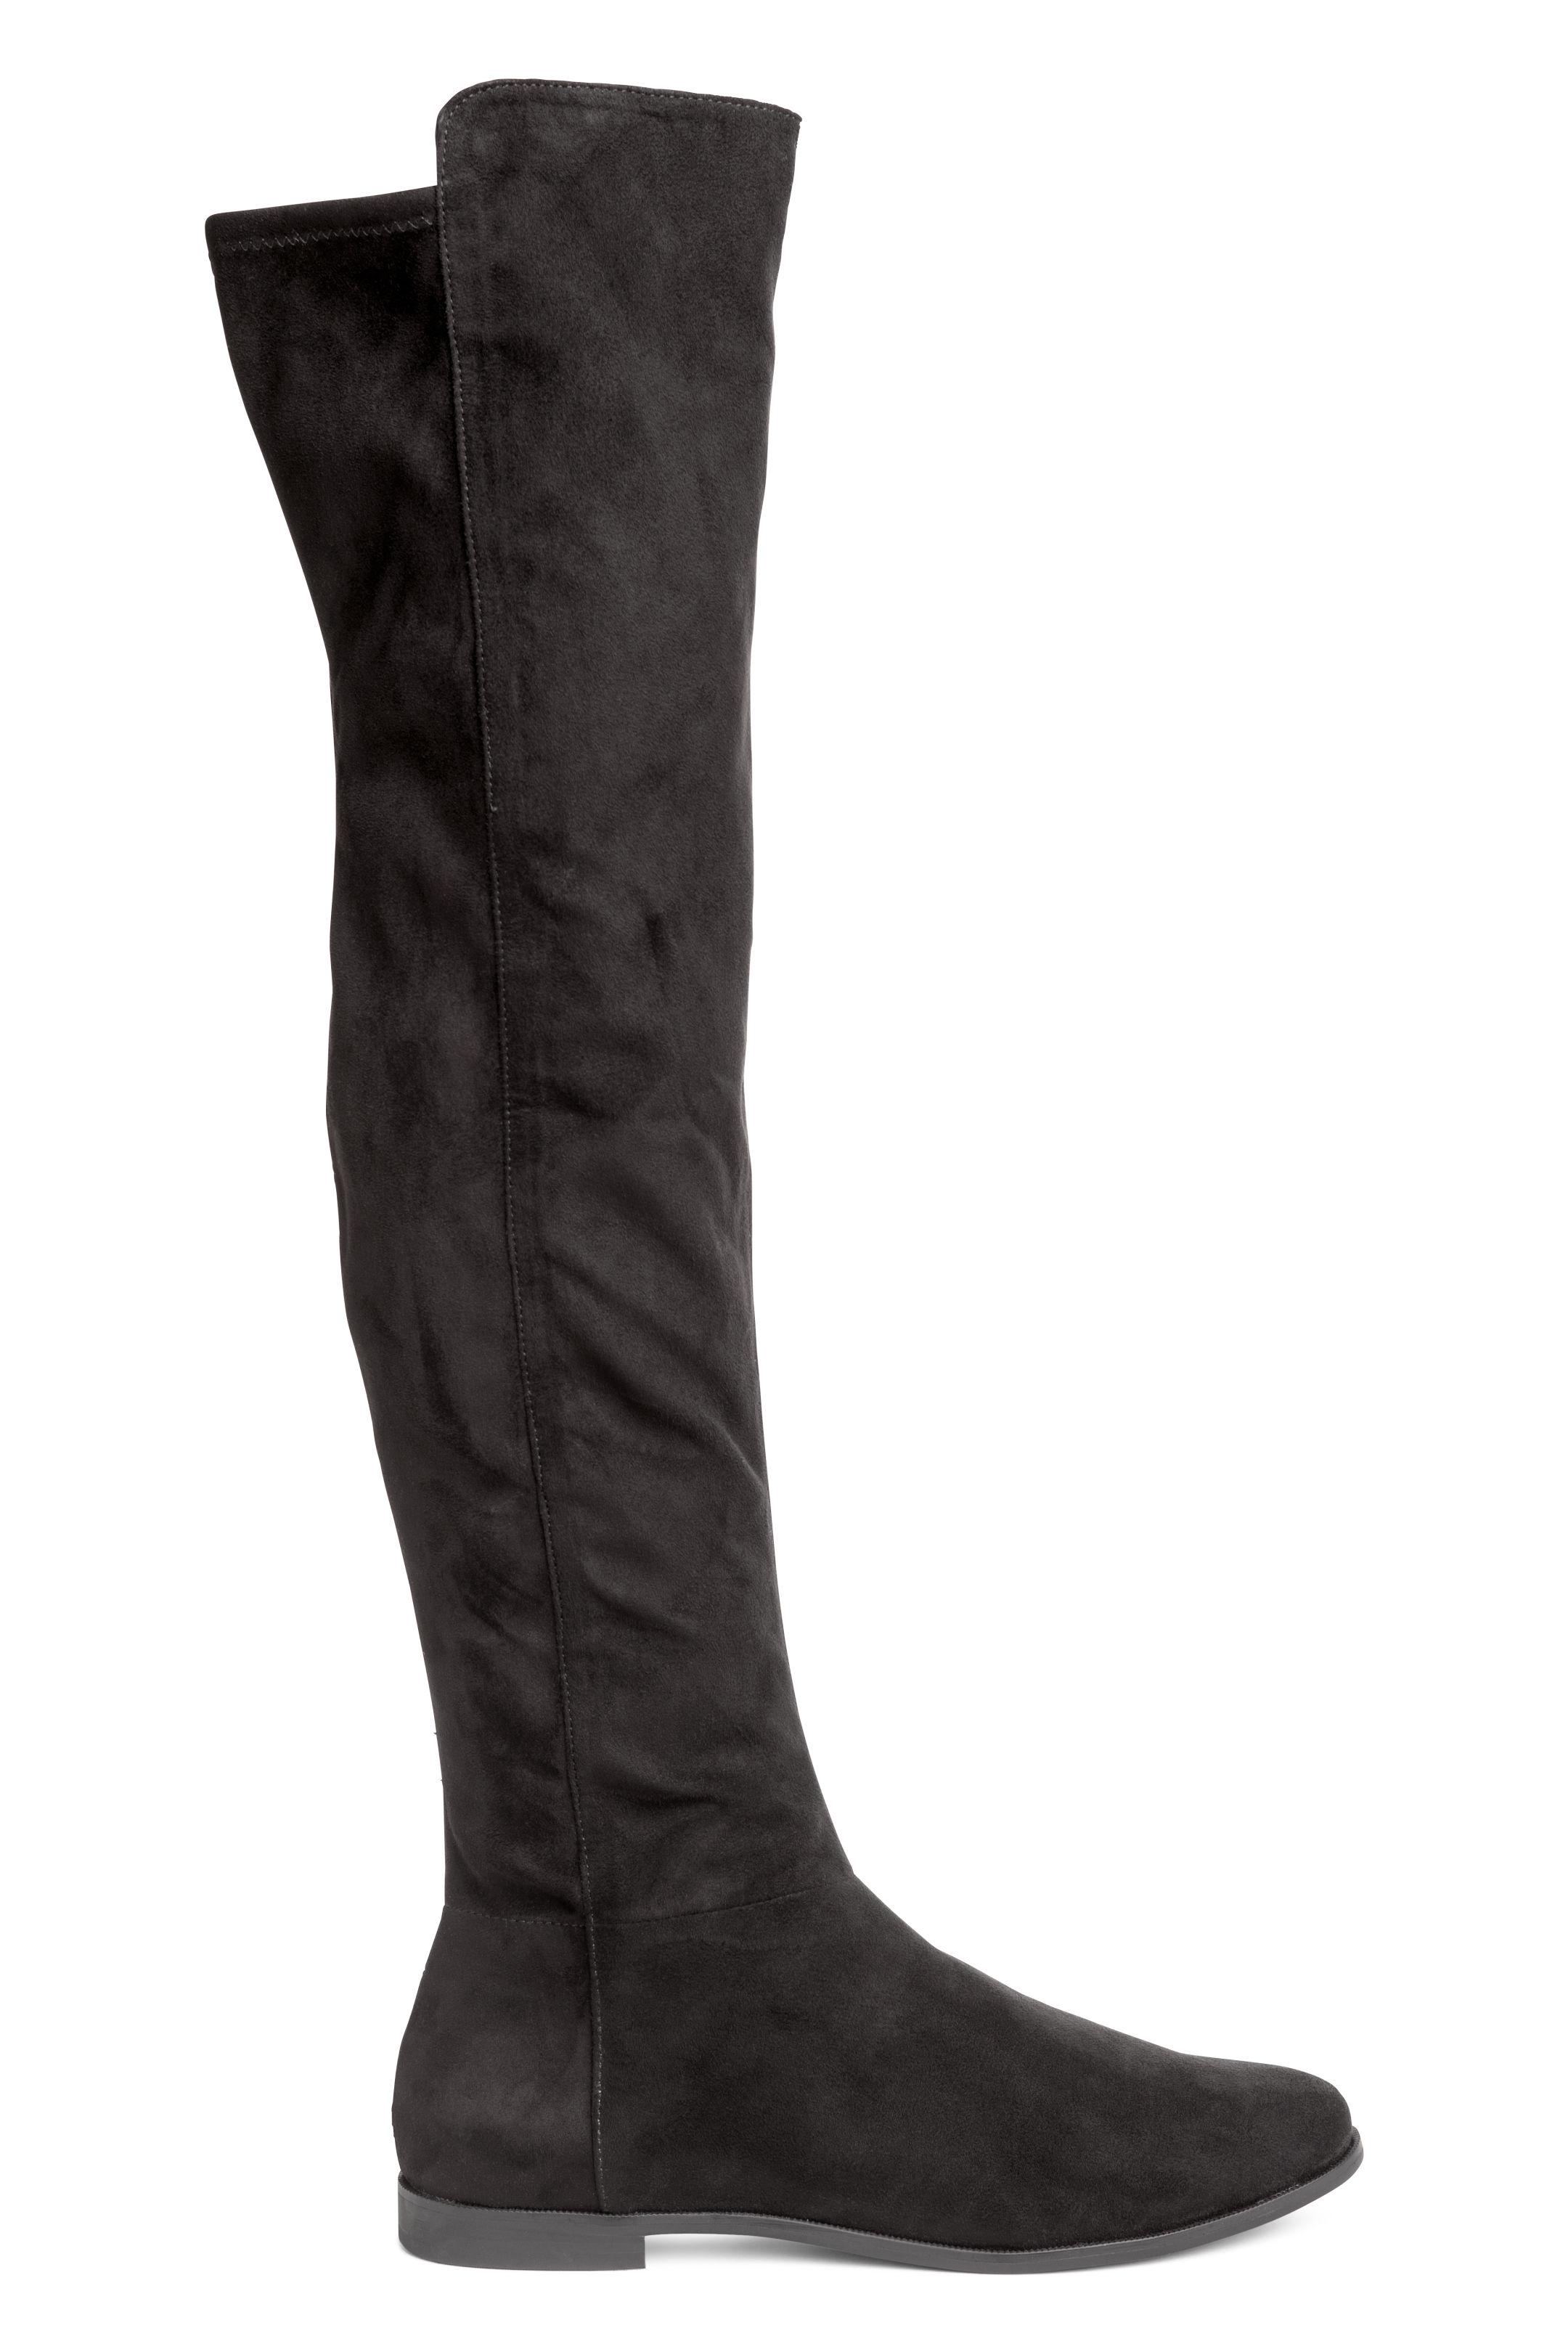 Stivali sopra al ginocchio senza tacco H&M a 49,99 euro inverno 2019